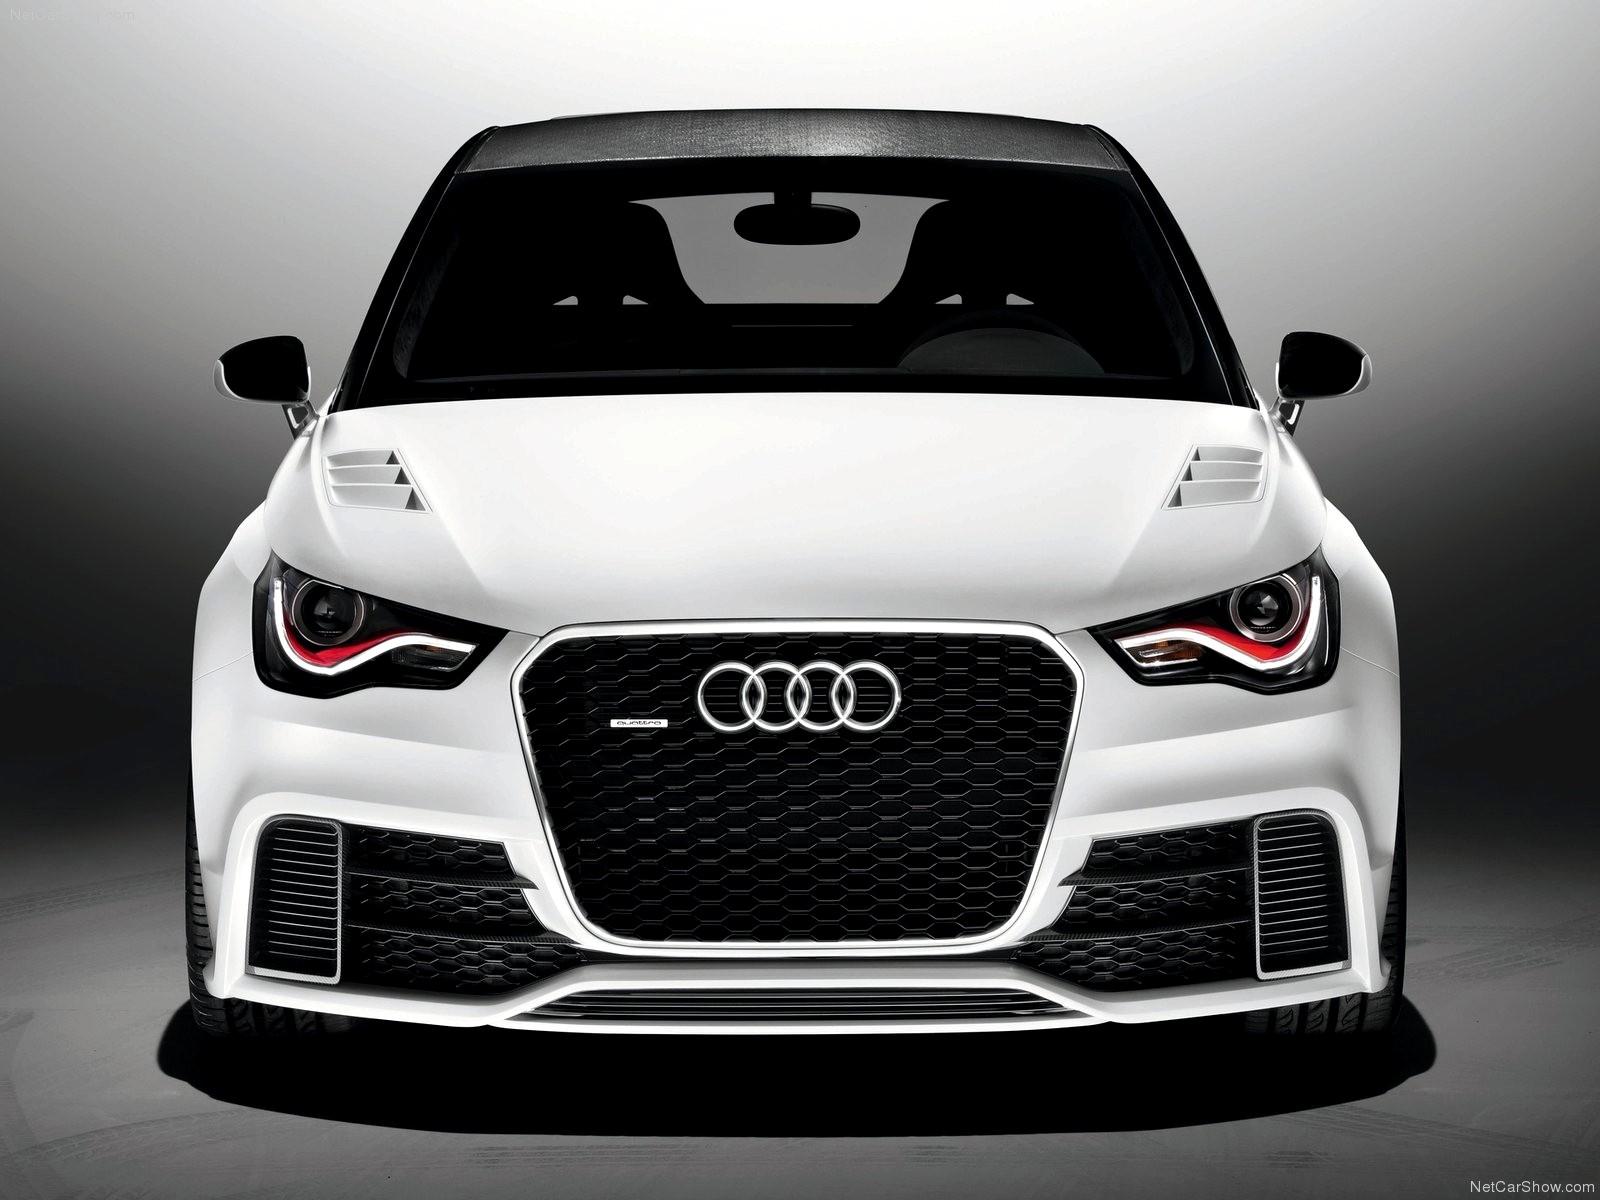 audi a1 neu 7 - Audi A1 neu bilder